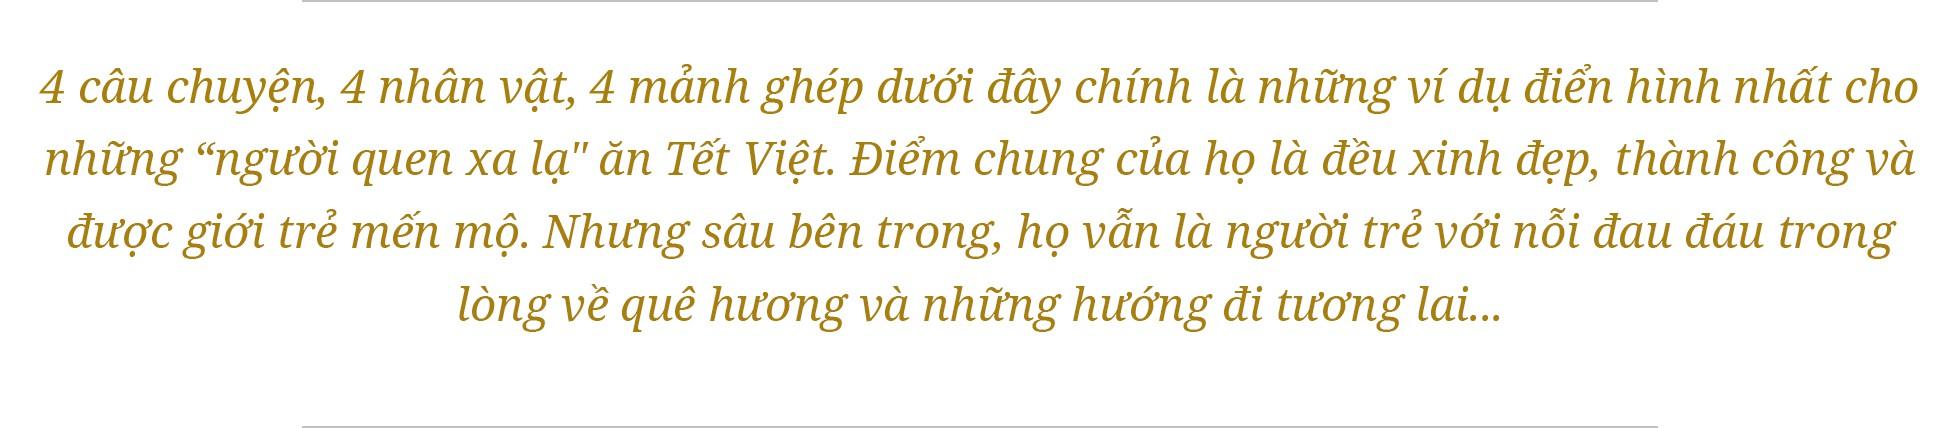 """""""Người quen xa lạ"""" ăn Tết Việt: Chuyến đi tìm về hương vị thịt mỡ dưa hành hay chạm đến gốc rễ của câu hỏi tôi là ai? - Ảnh 1."""